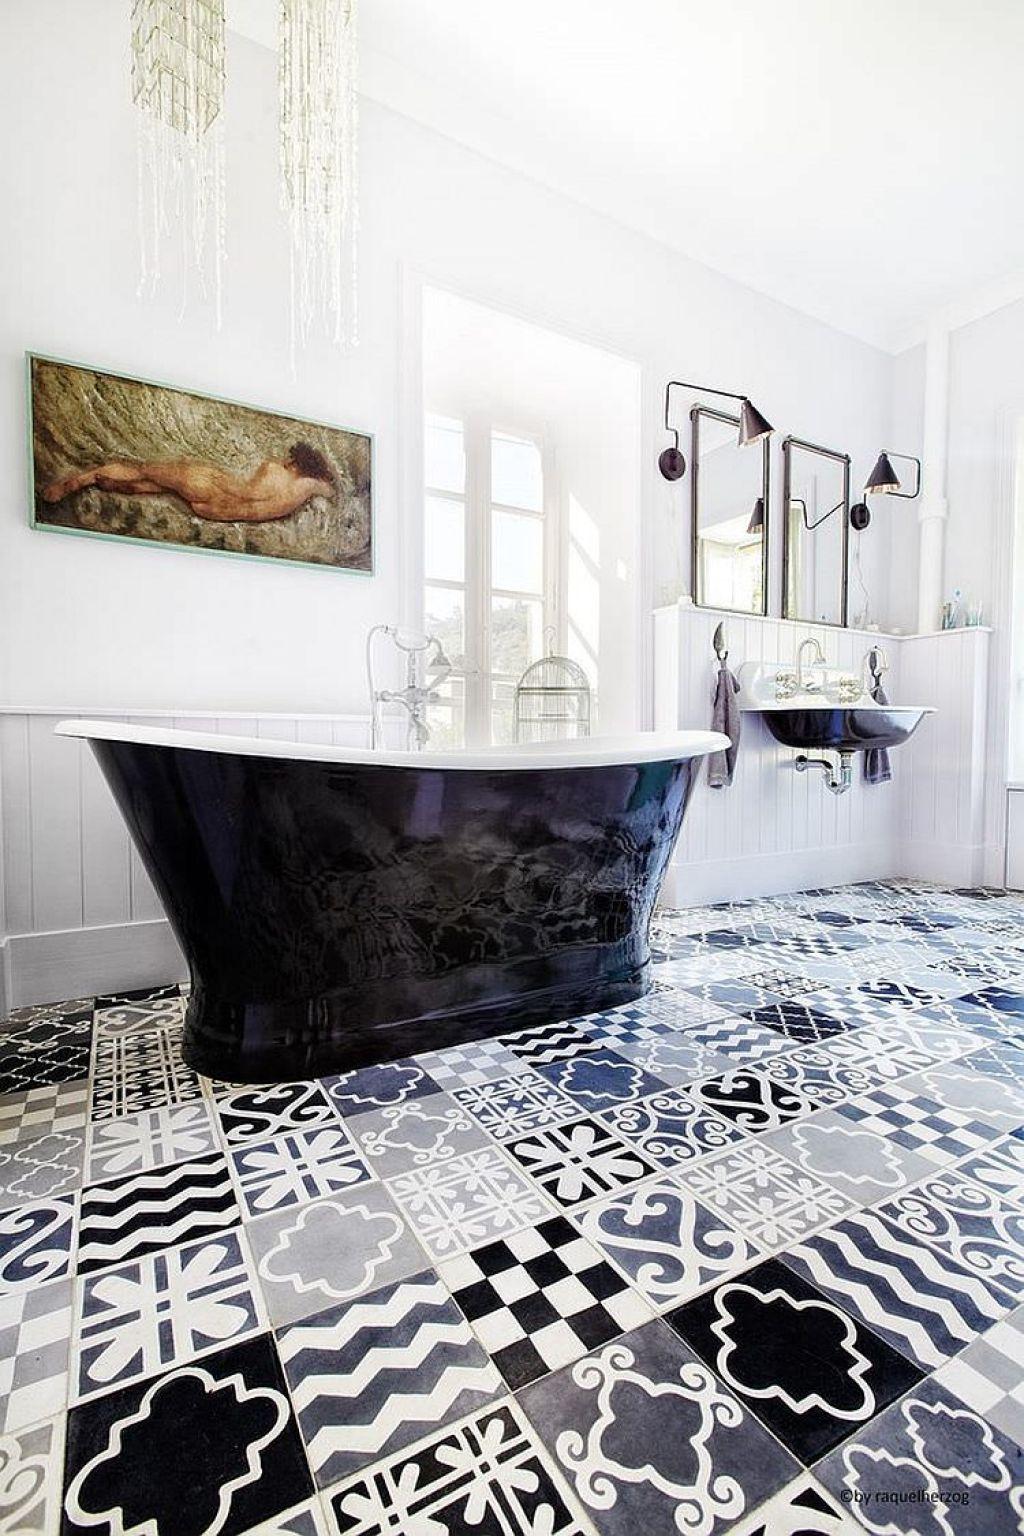 Ways To Fix Loose Bathroom Tiles Patchwork Tiles Bathroom Patchwork Tiles Black And White Bathroom Floor